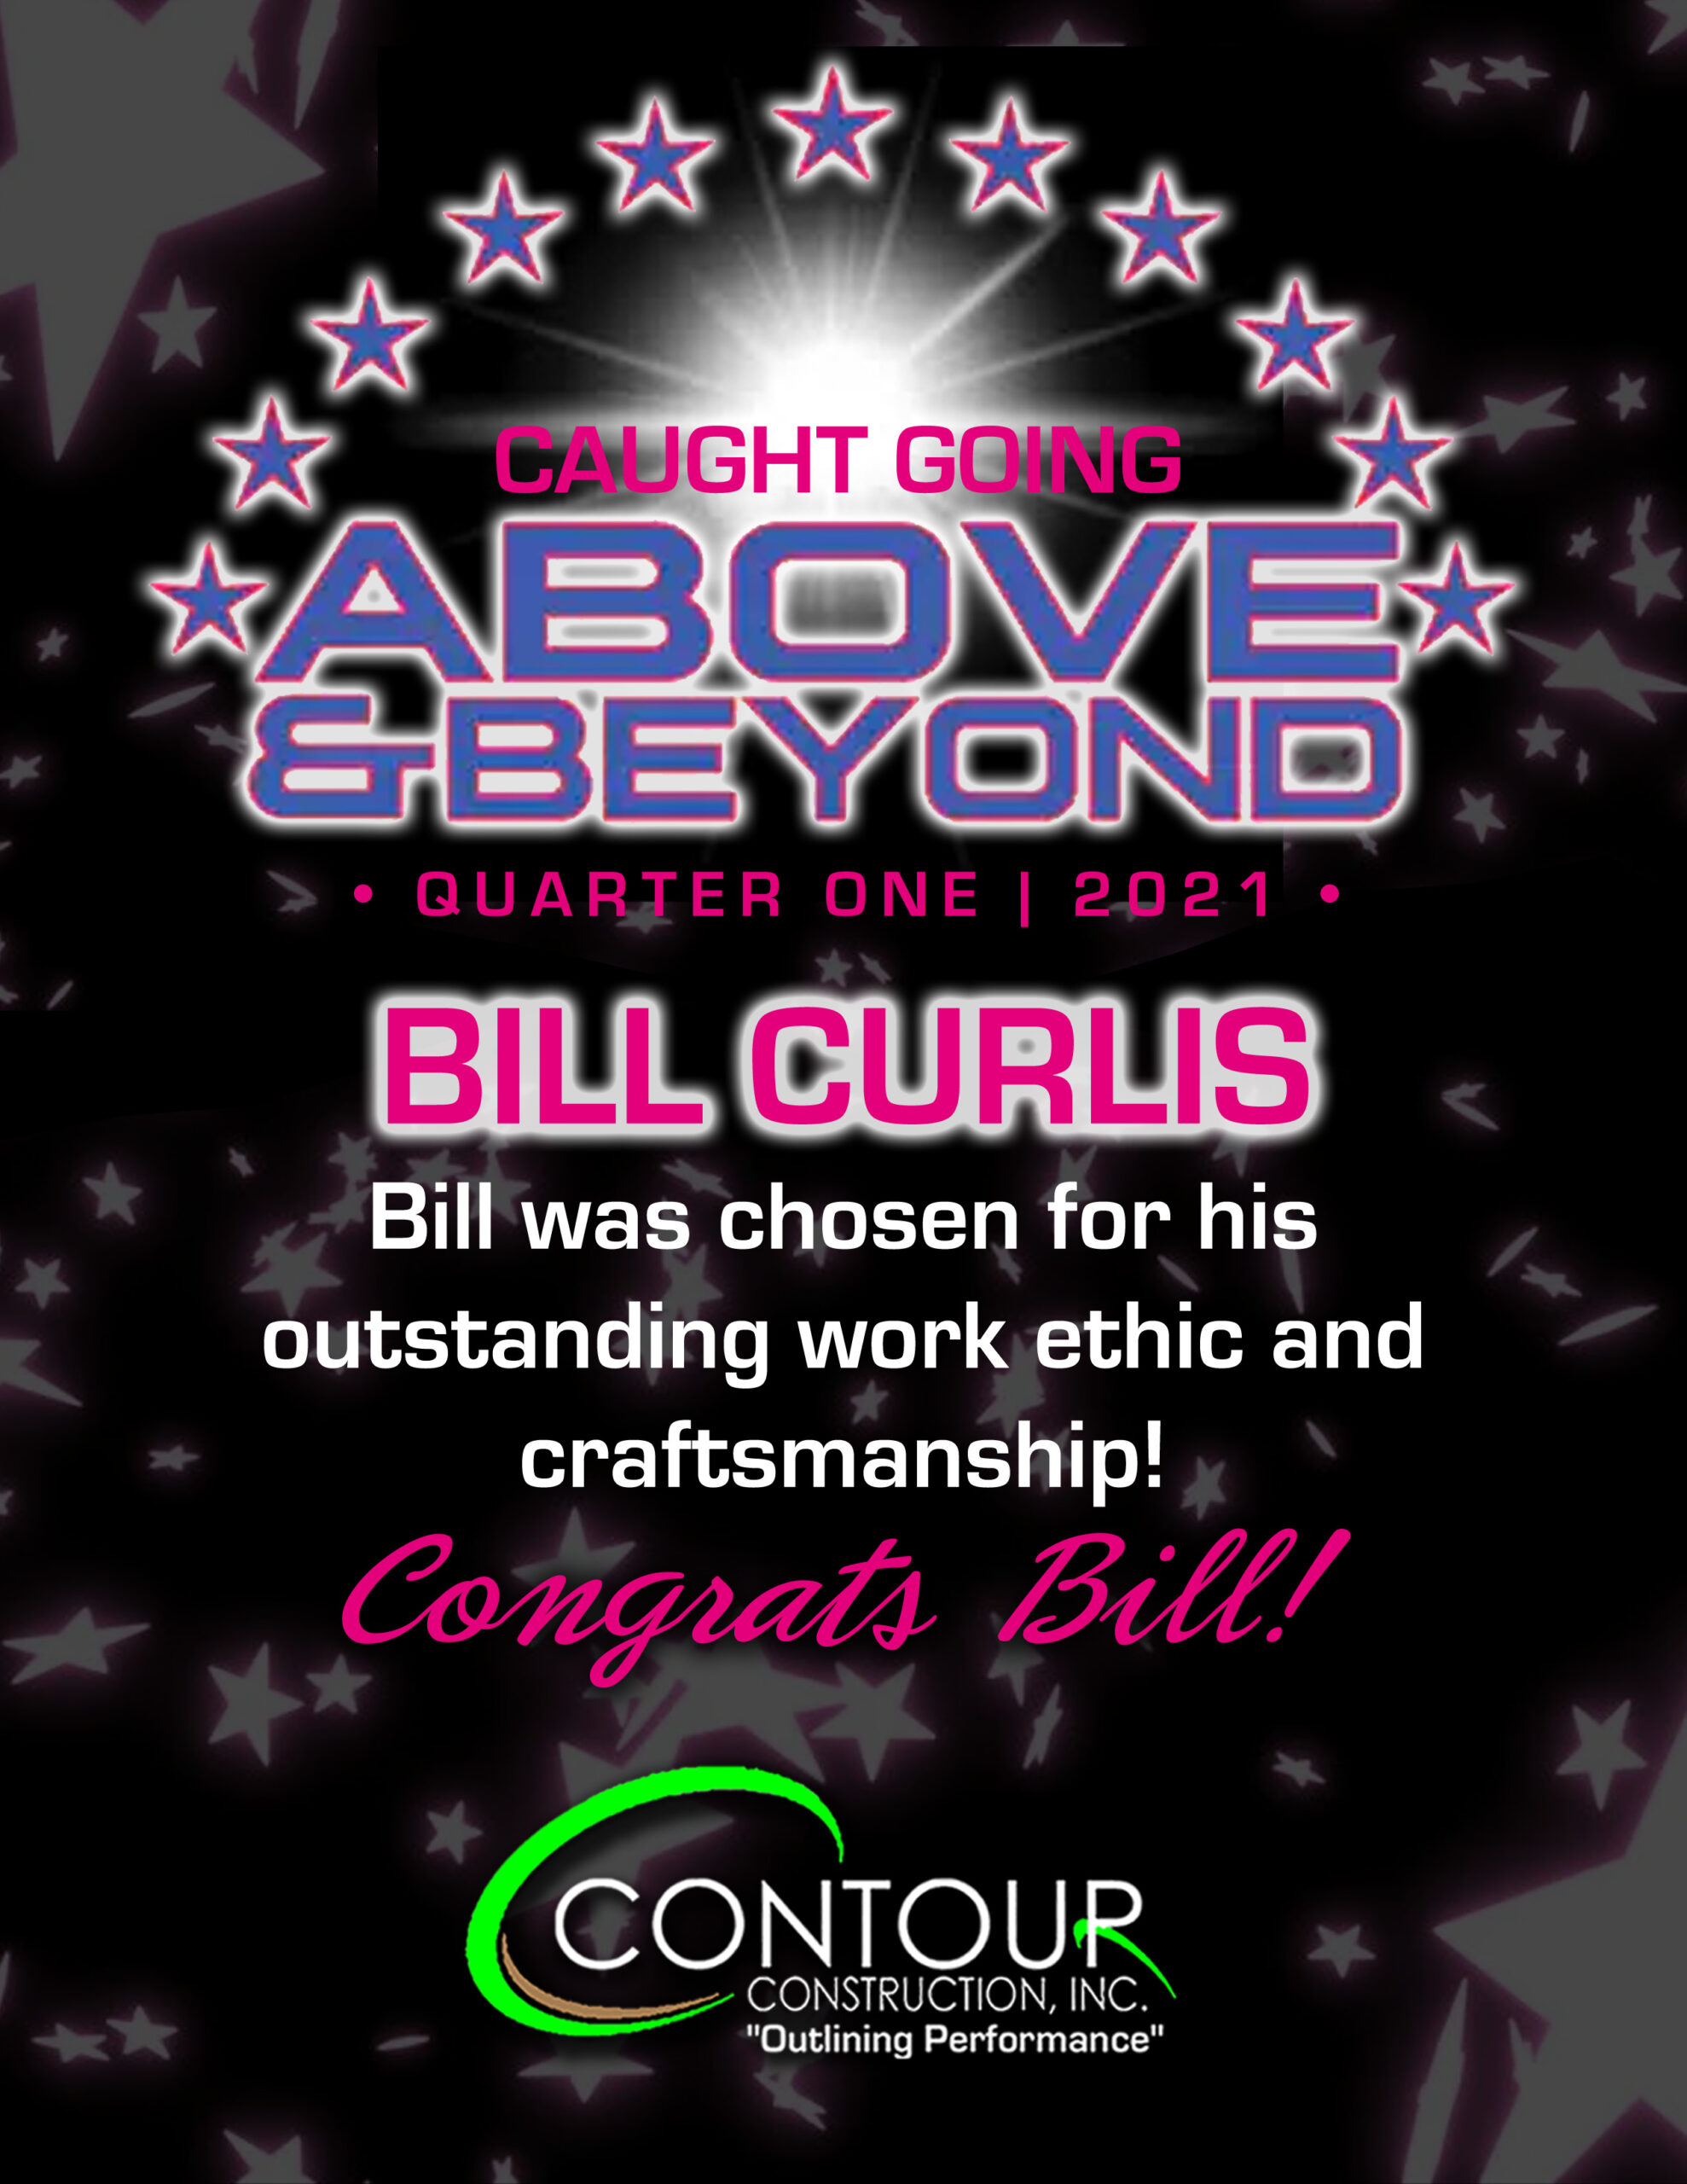 Bill Curlis